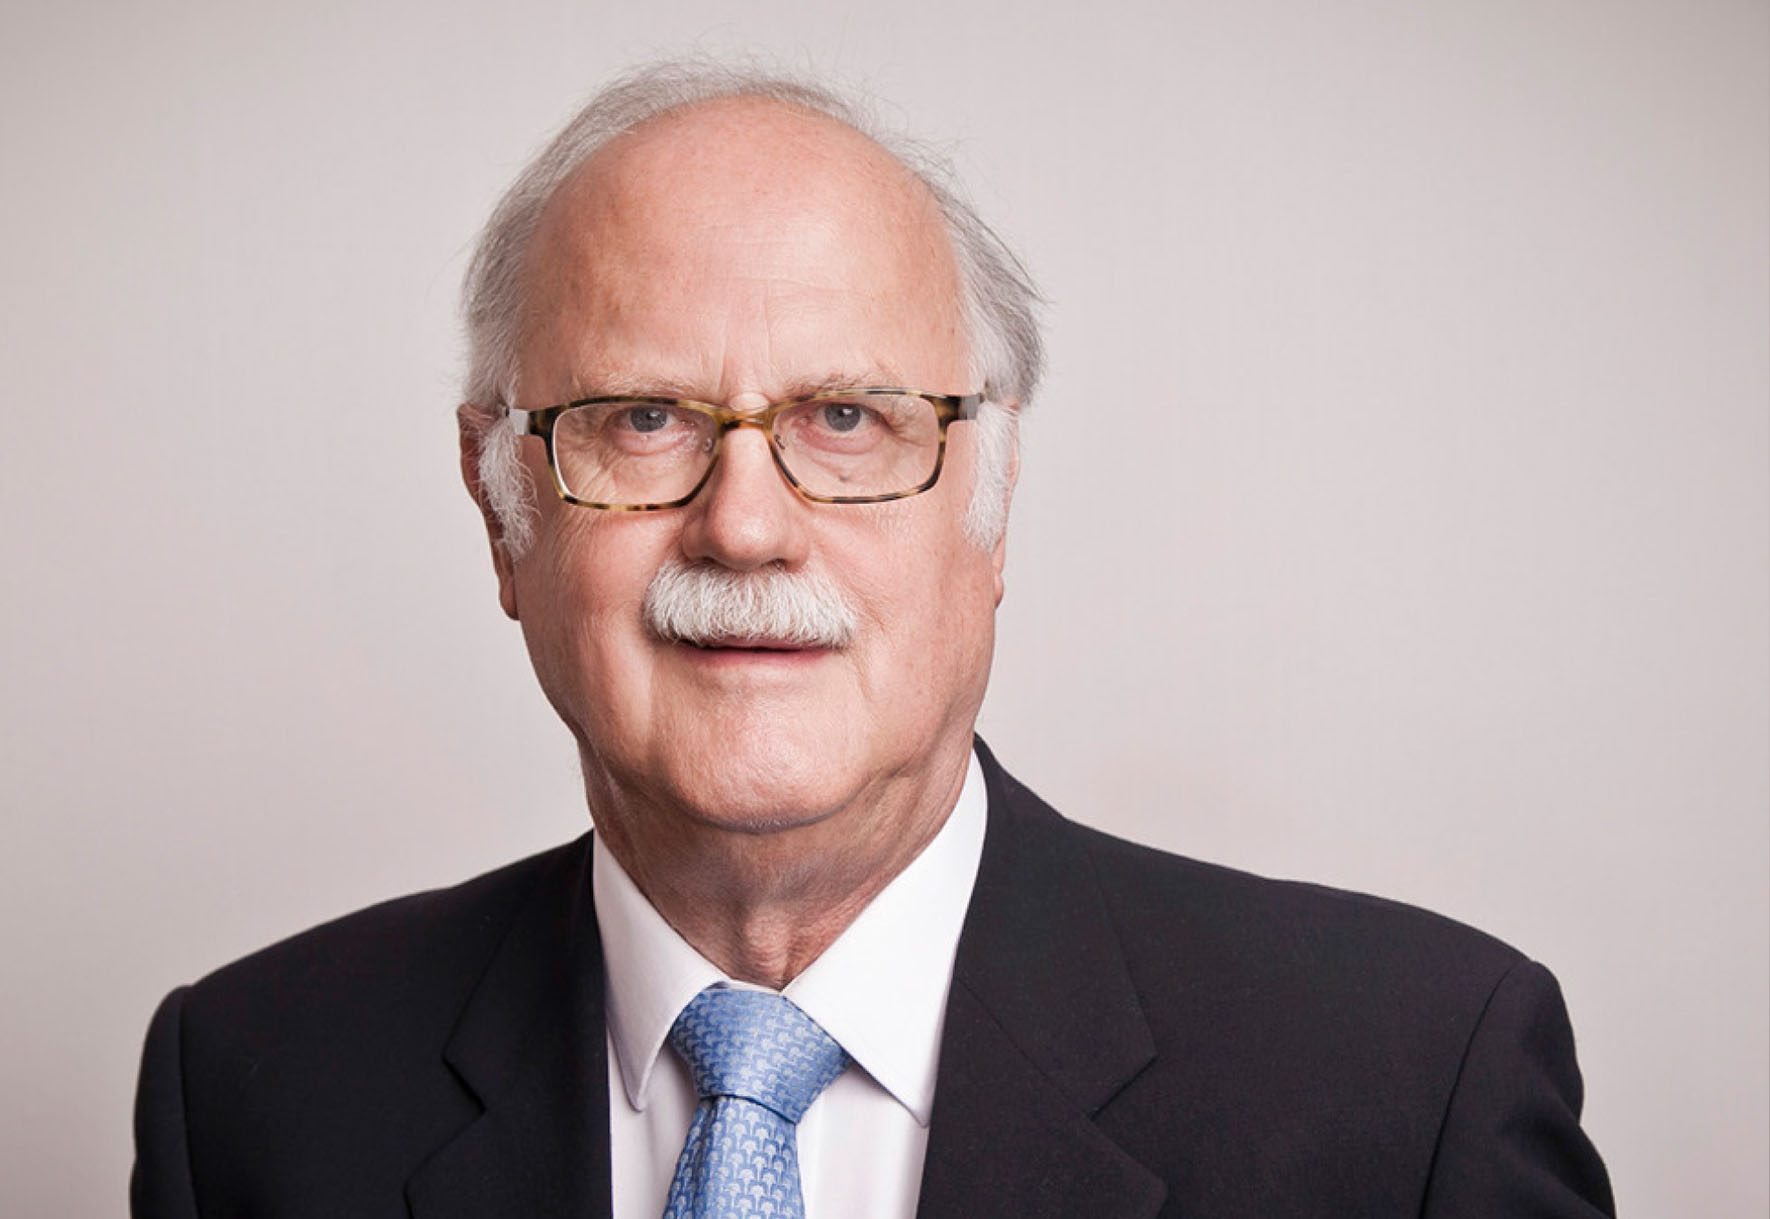 Ernst Udo Hansmann